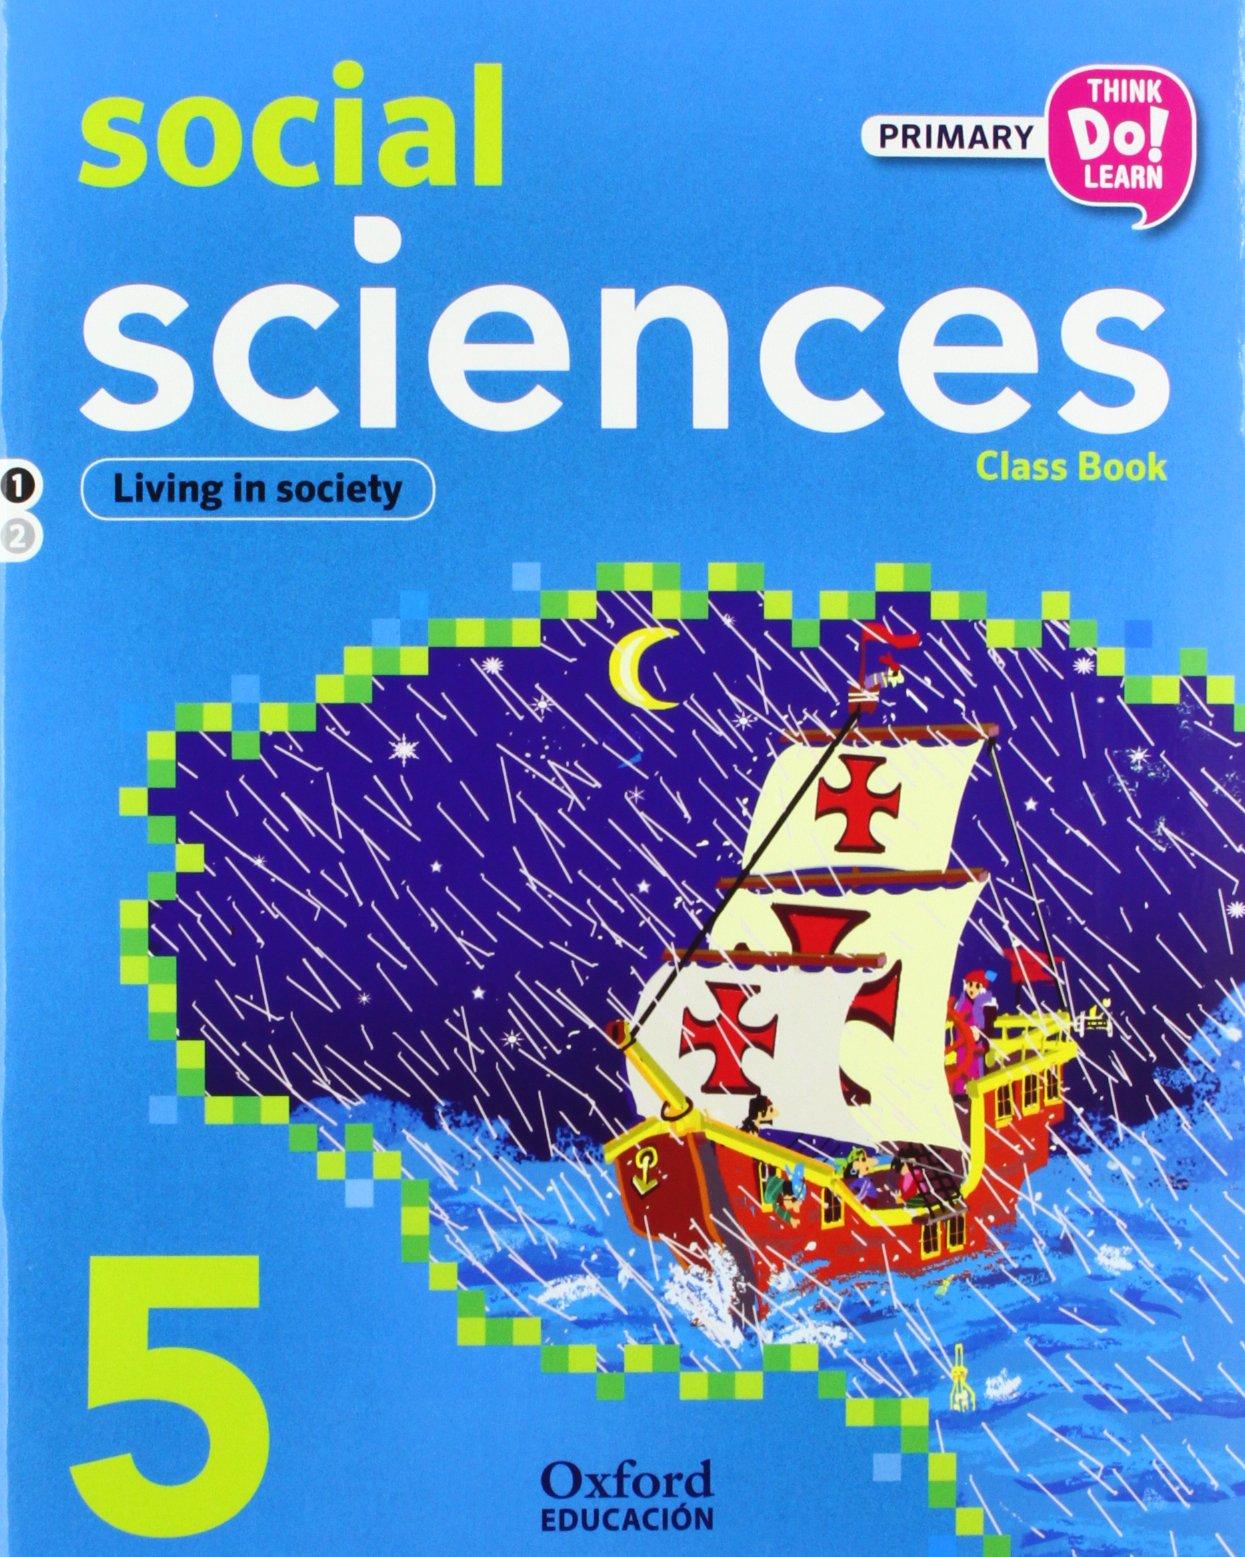 Think Do Learn Social Science 5º Pack Libro y CD - 9788467383485: Amazon.es: Quinn, Robert, McLoughlin, Amanda Jane: Libros en idiomas extranjeros